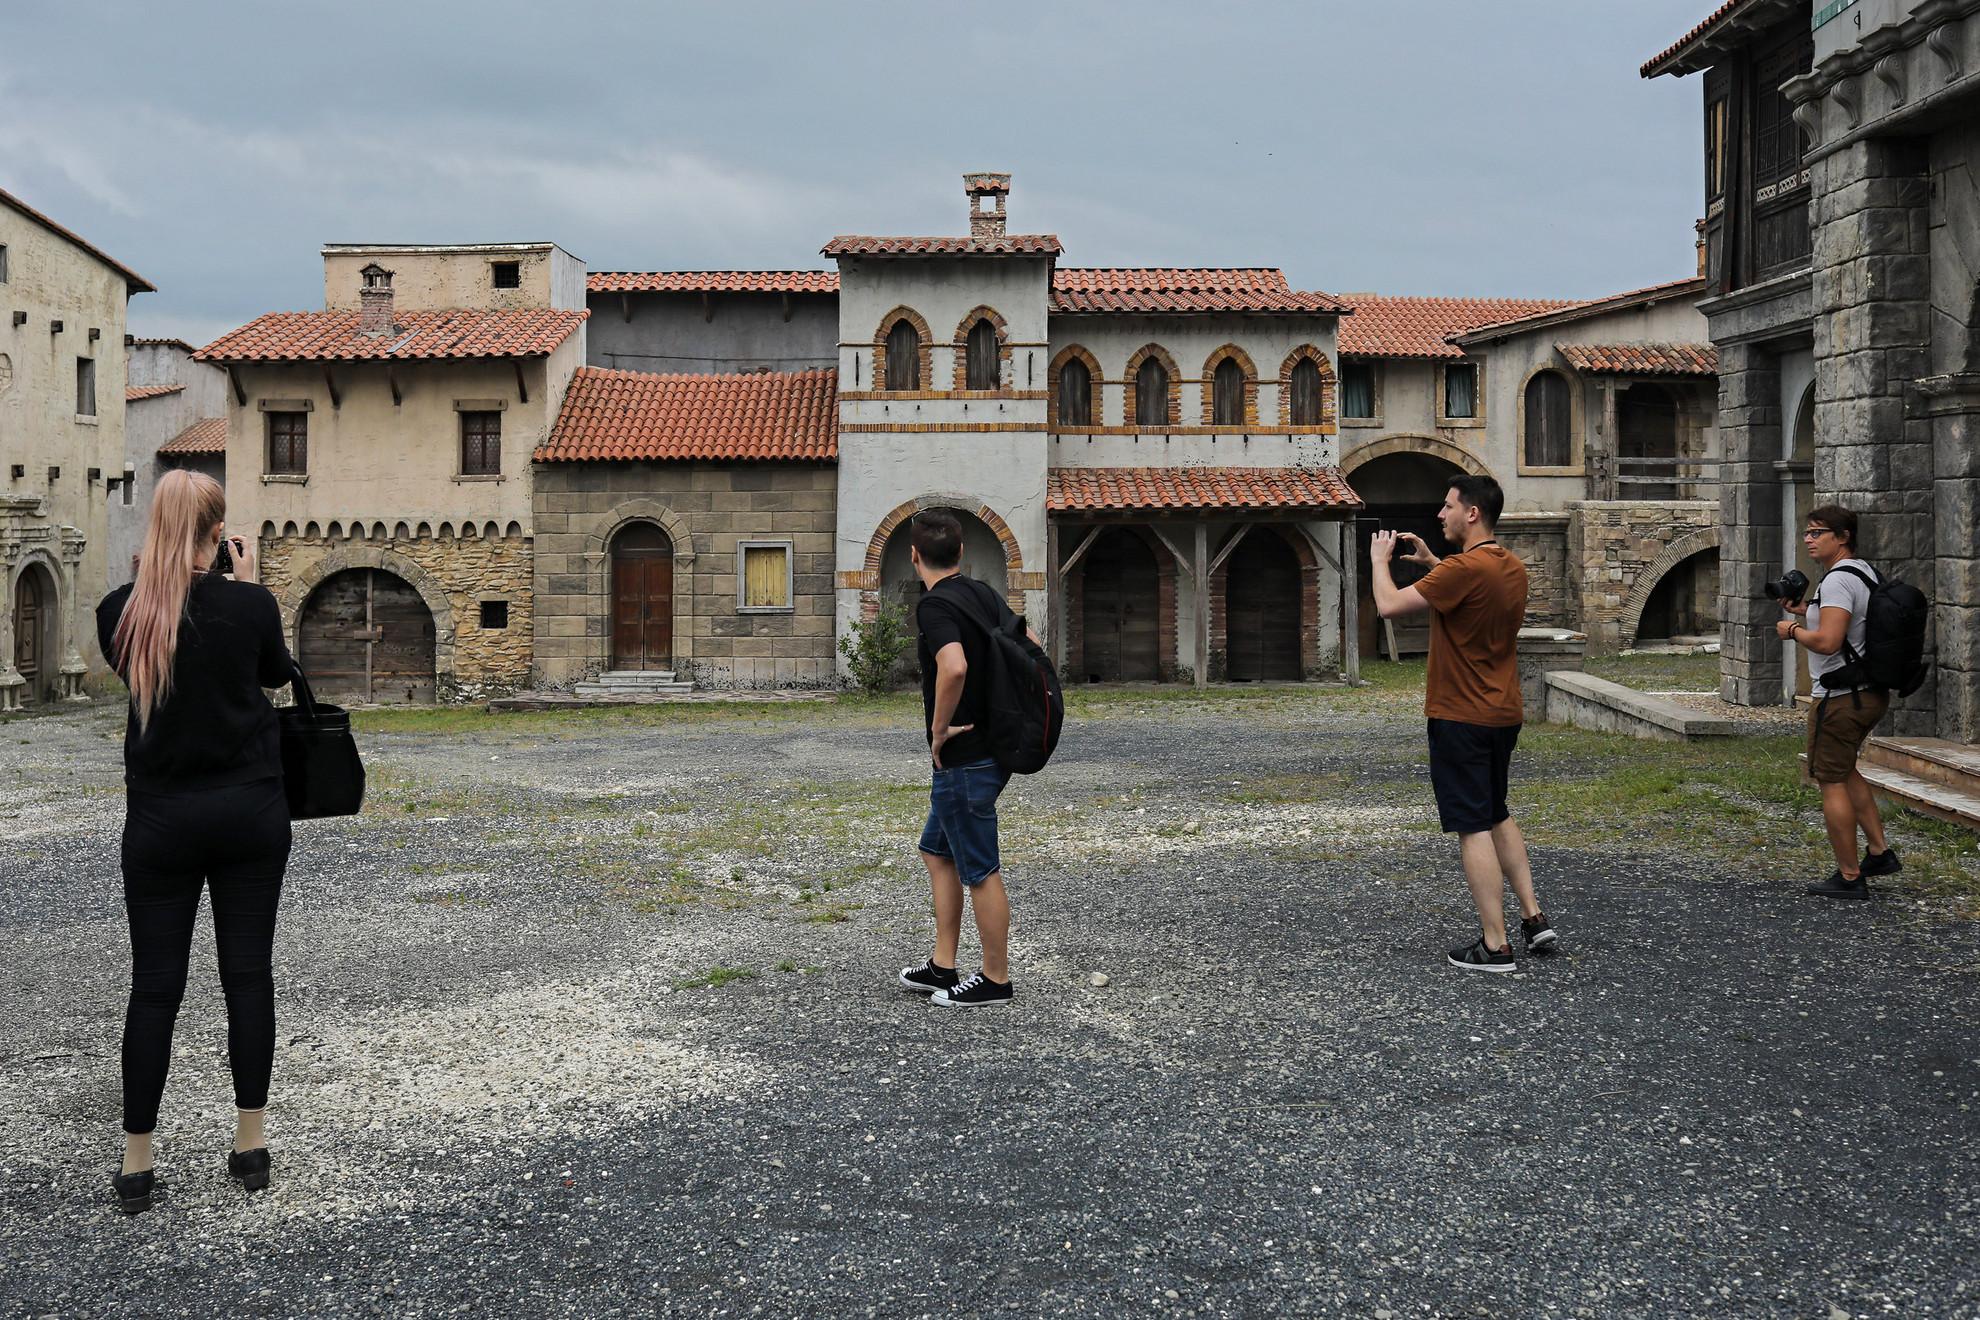 A látogatók izgalmas előadást kapnak a filmkészítés kulisszatitkairól és folyamatának részleteiről